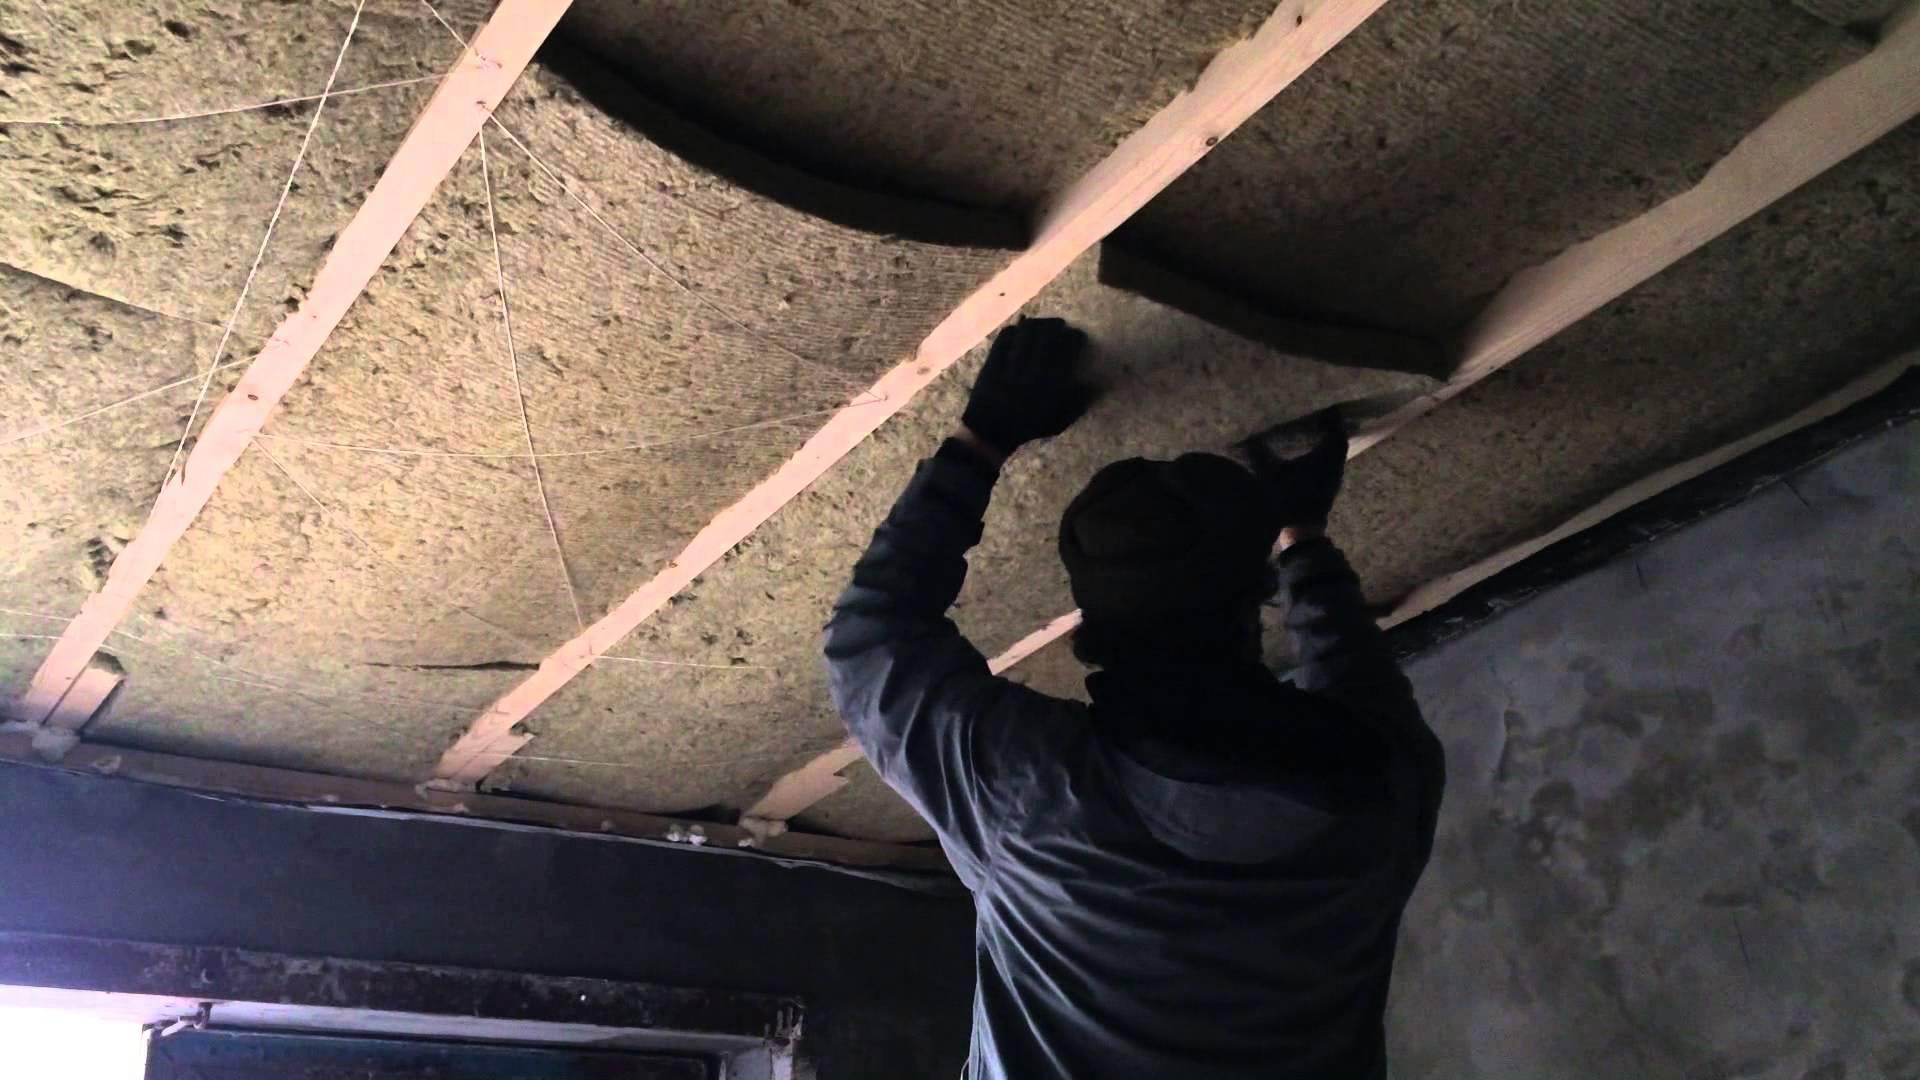 Как утеплить потолок минватой в частном доме: толщина минваты, какая лучше, как правильно уложить утеплитель на потолок, какую минвату выбрать, укладка минеральной ваты на чердак